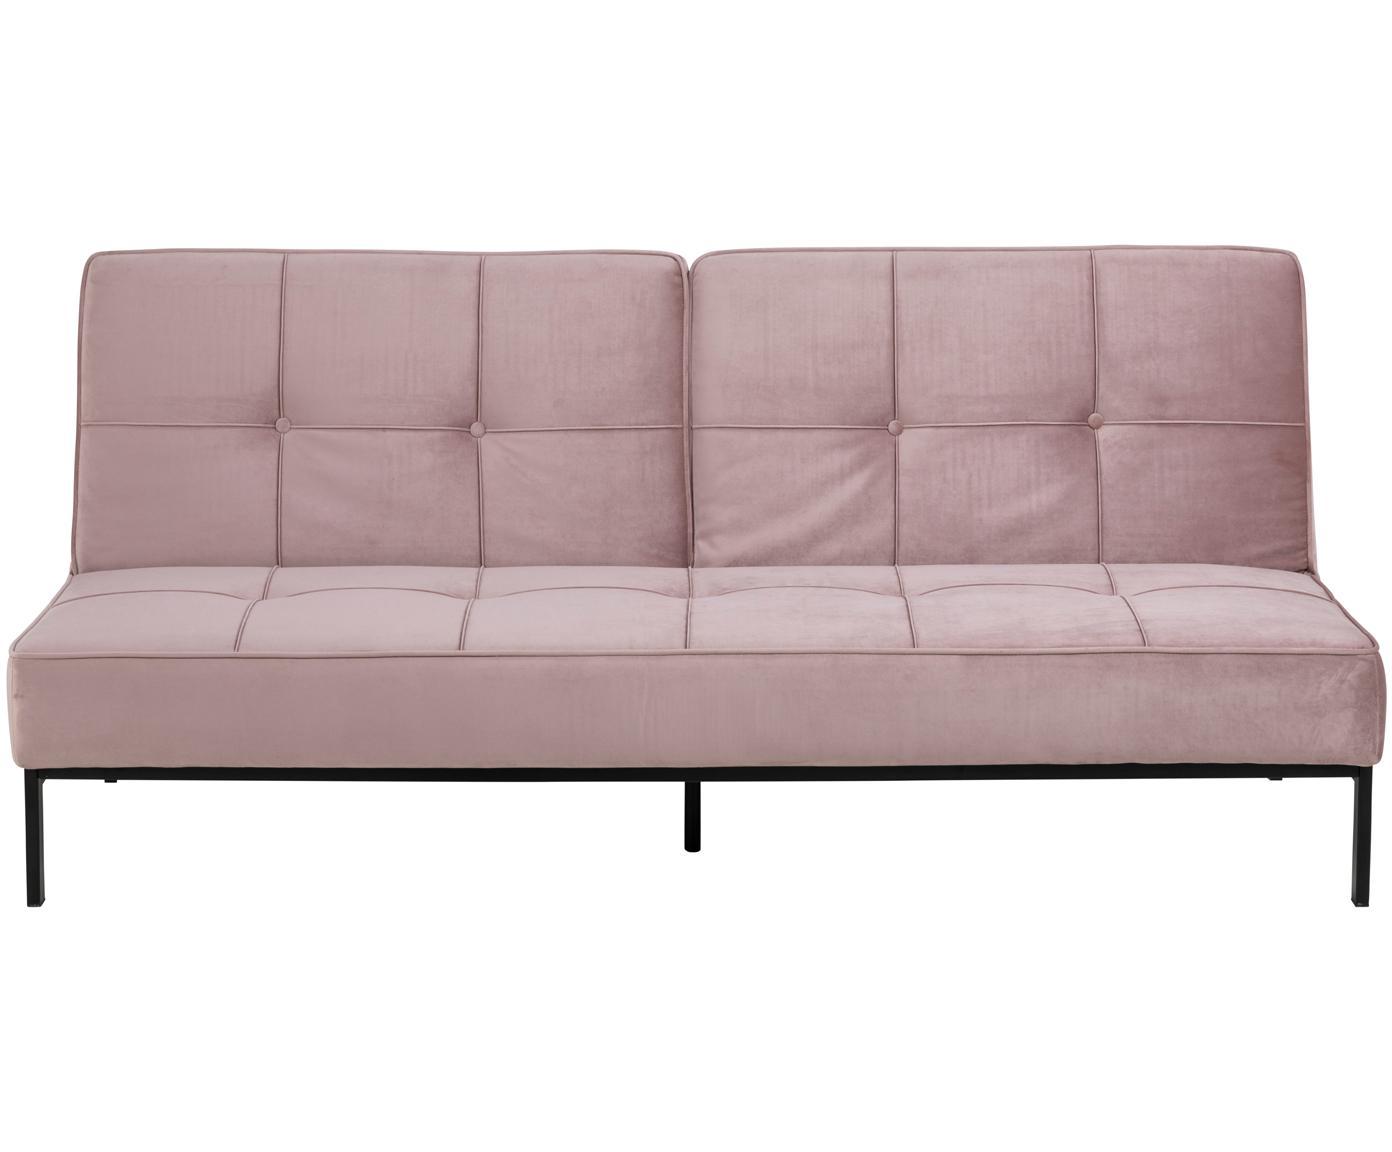 Samt-Schlafsofa Perugia, Bezug: Polyestersamt 25.000 Sche, Beine: Metall, lackiert, Samt Rosa, B 198 x T 95 cm